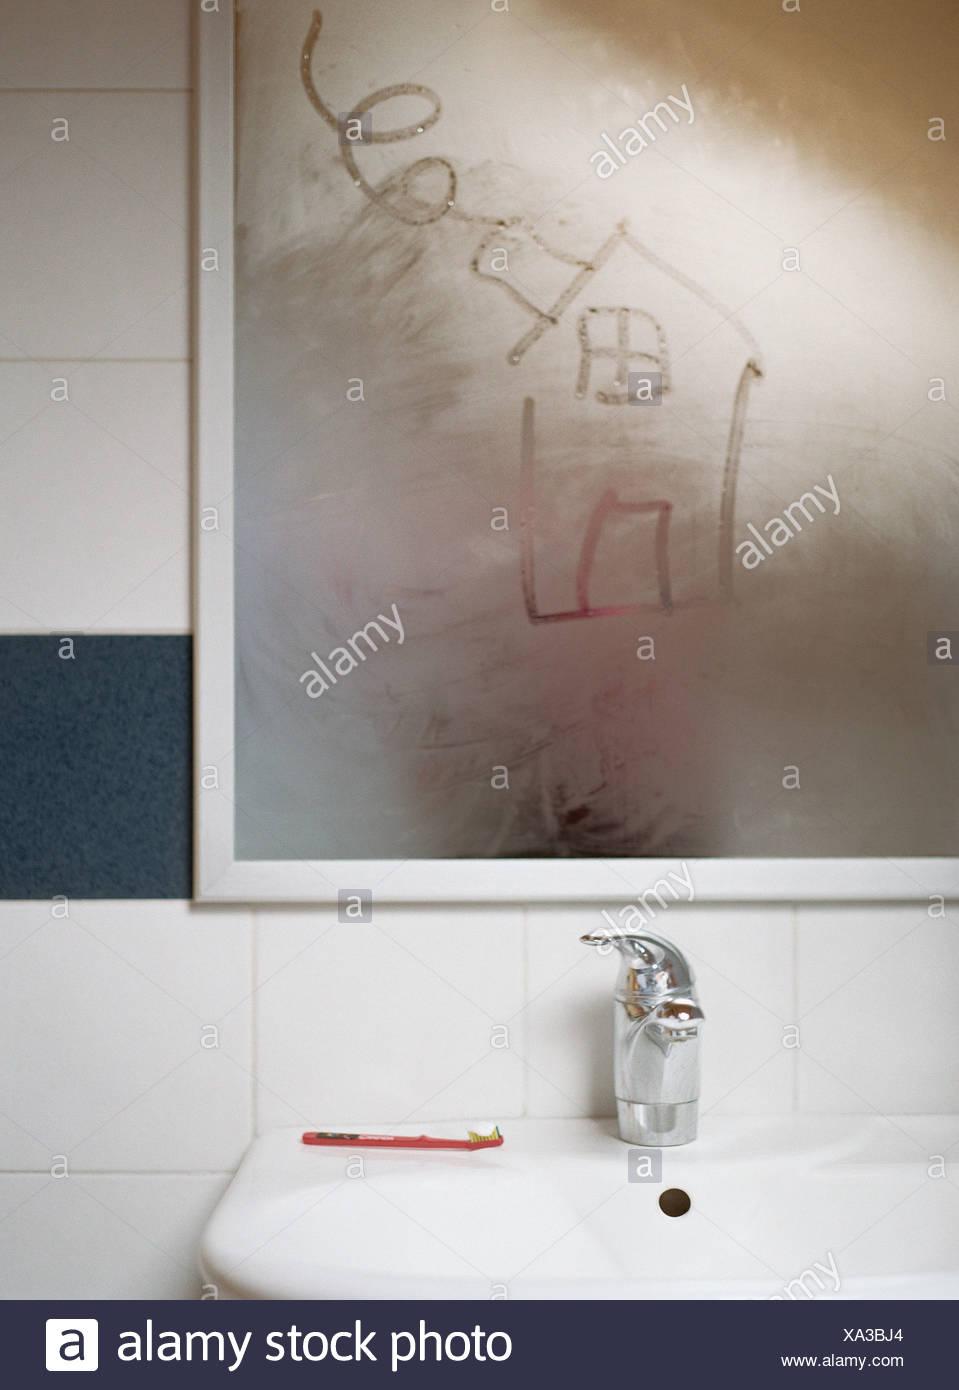 Charming Haus In Kondensation Am Badezimmerspiegel Gezeichnet